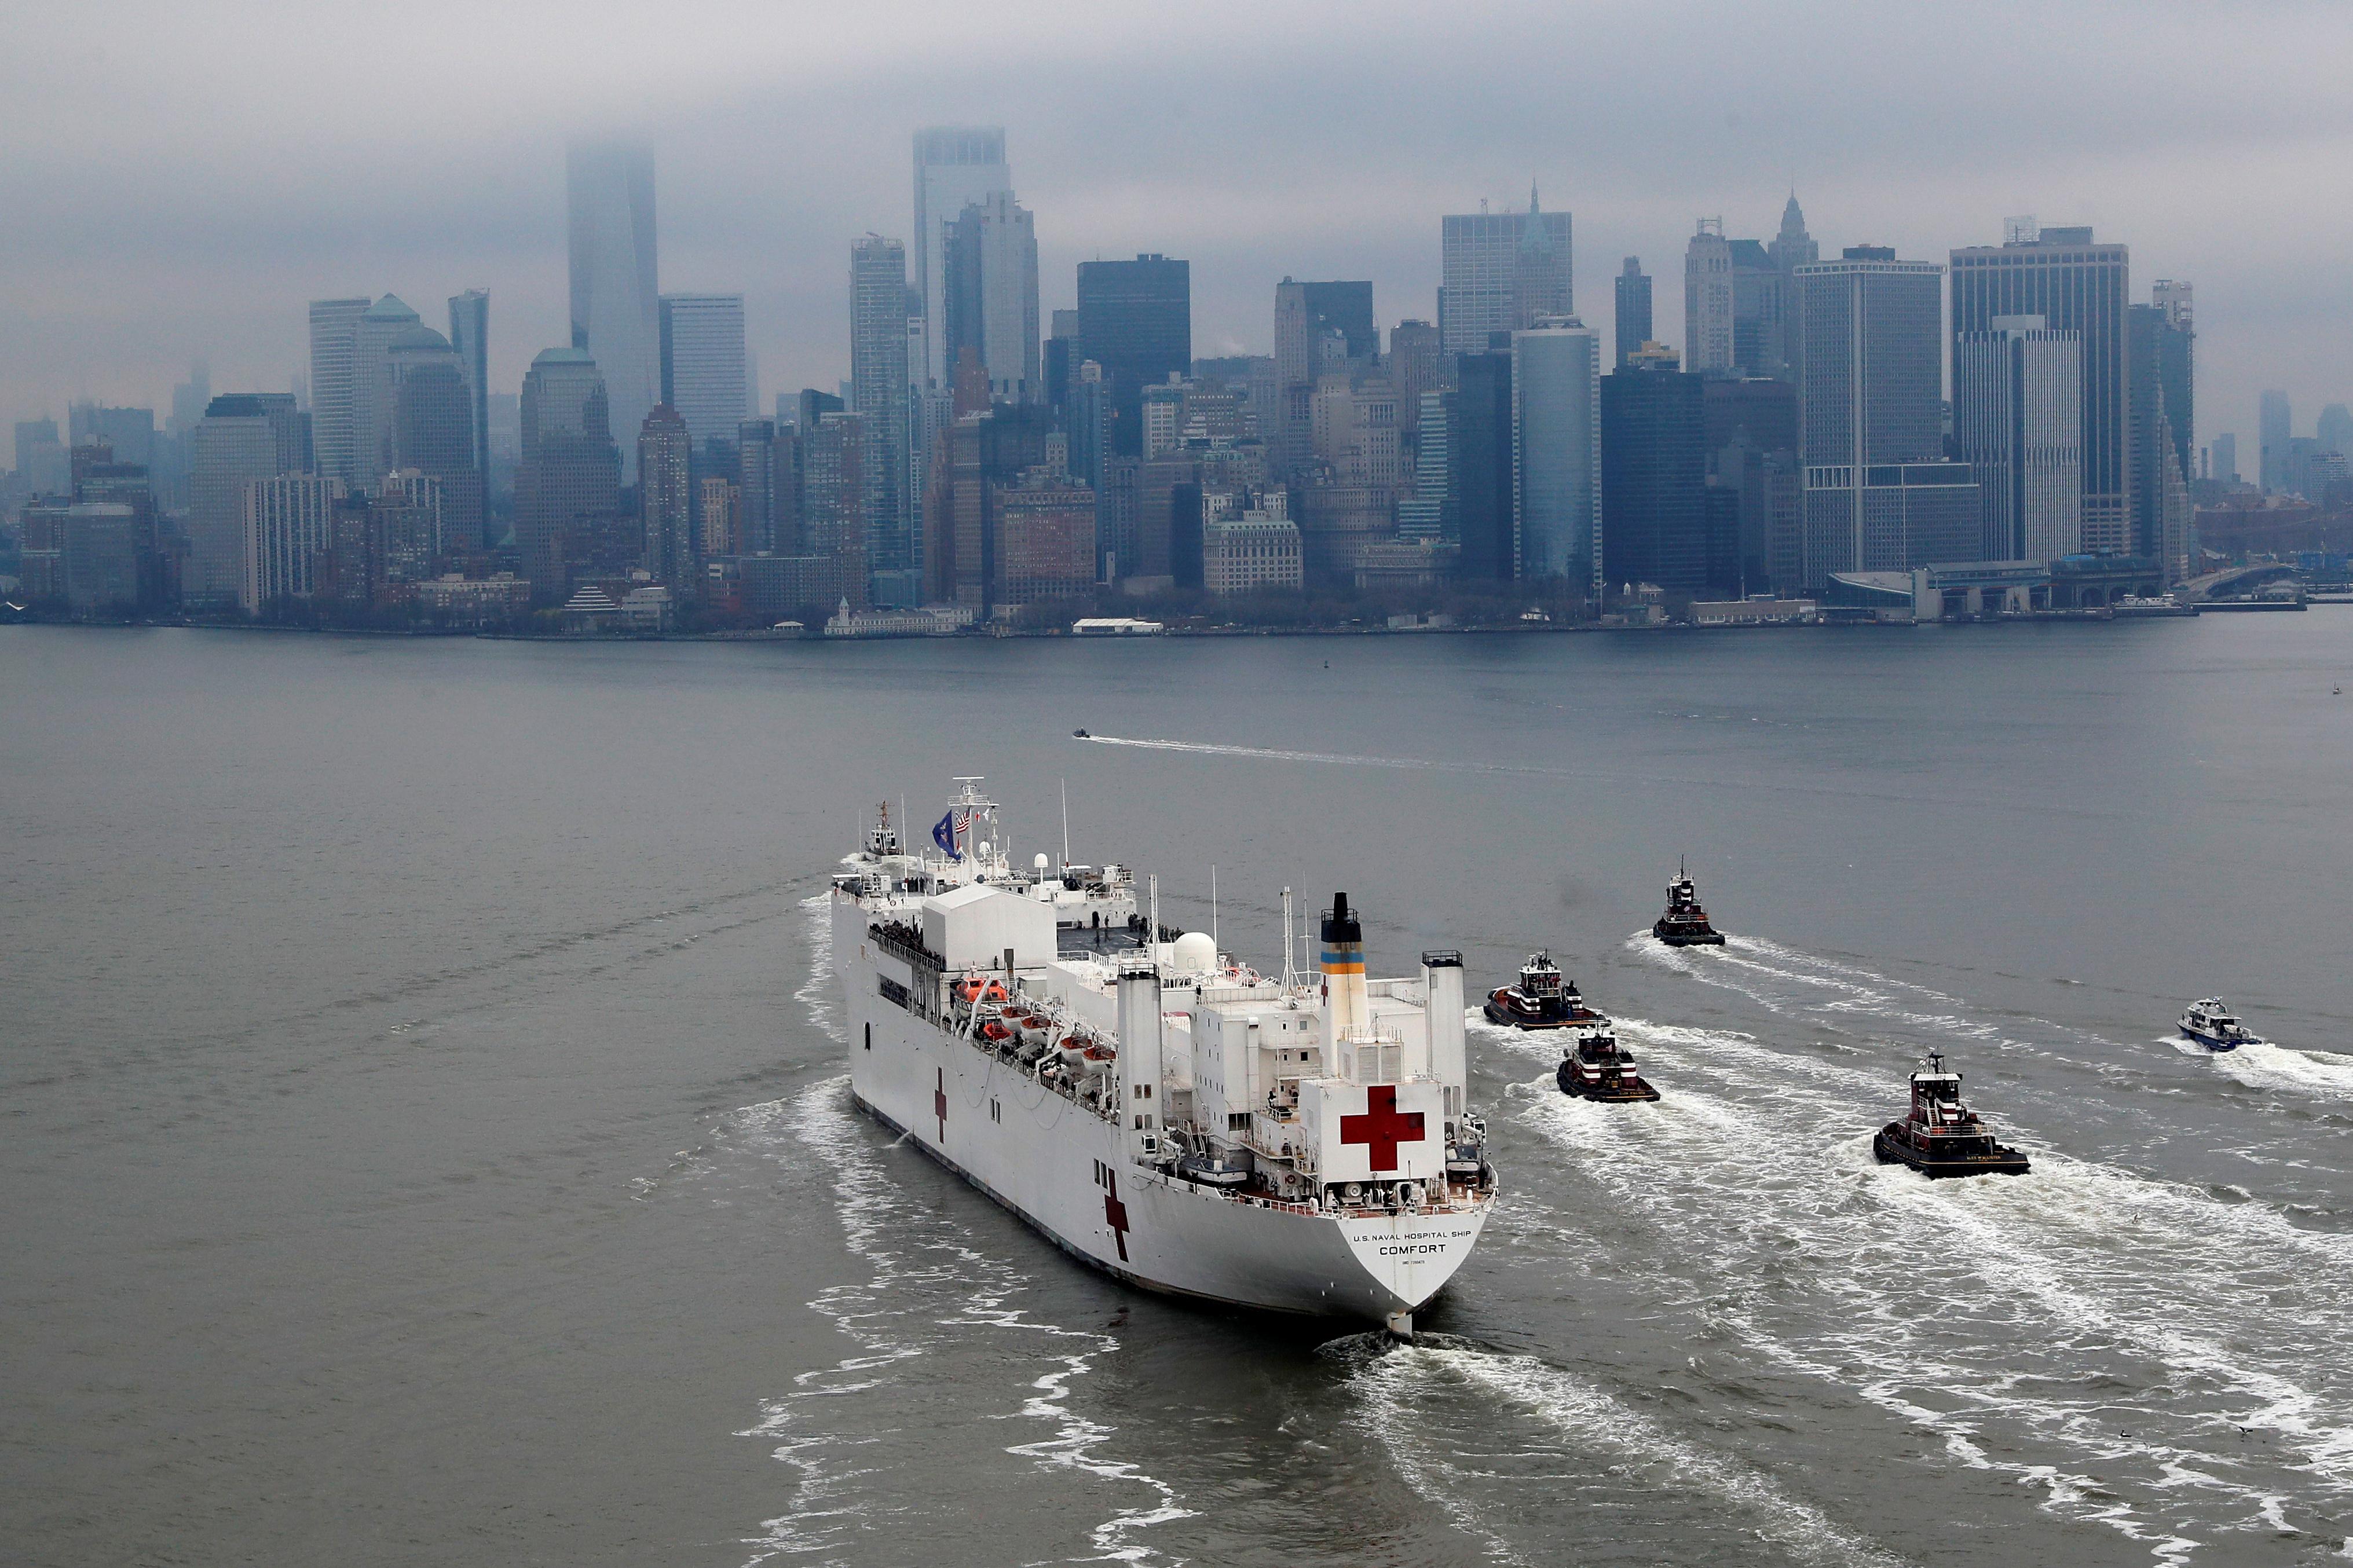 El barco no tratará a contagiados de Covid-19, sino que se encargará de pacientes con otro tipo de patologías y liberará así recursos de la ciudad para los afectados por la nueva enfermedad